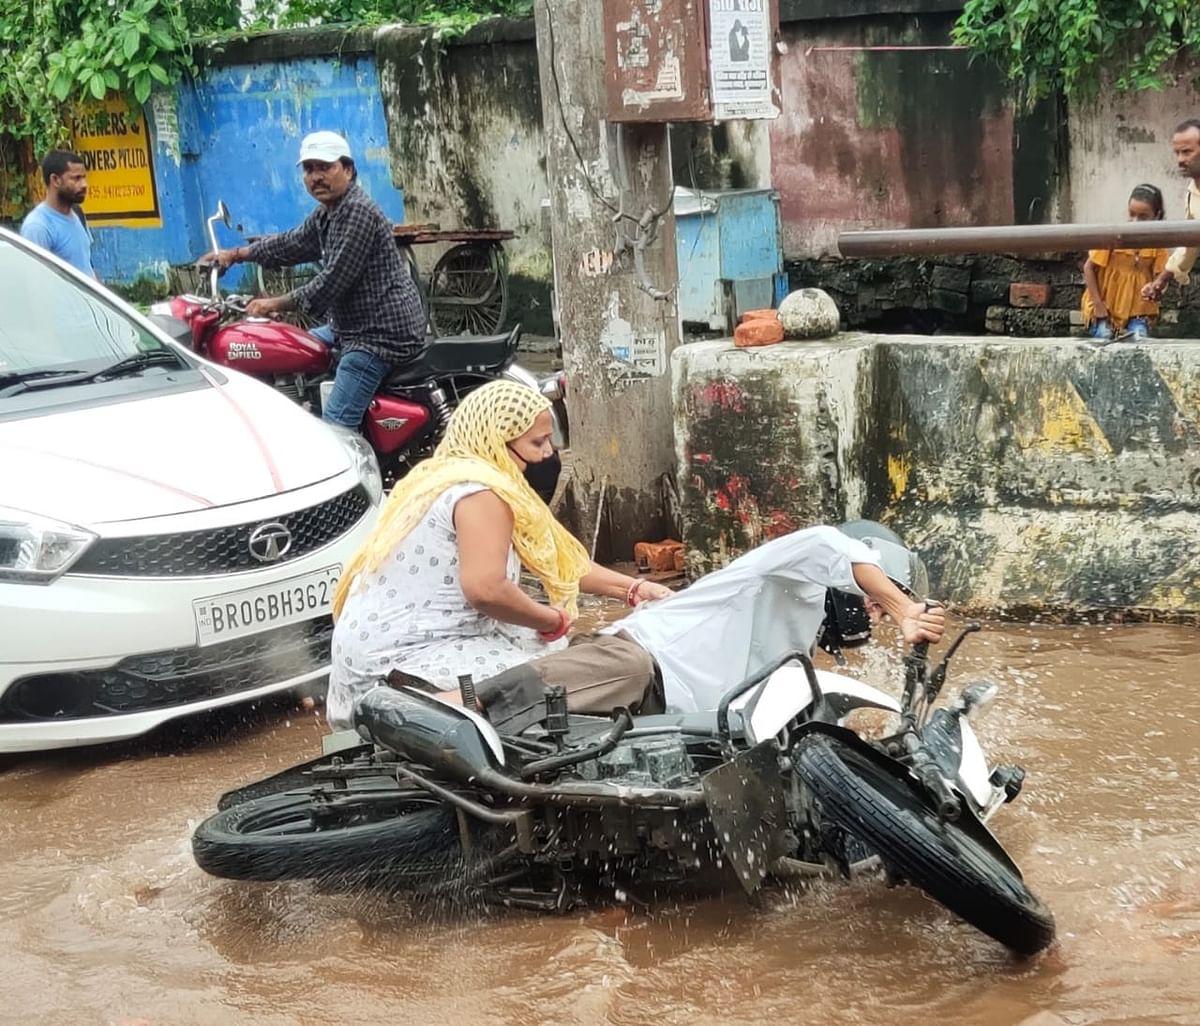 सड़क पर पानी भर जाने के कारण हादसे के शिकार हो रहे लोग